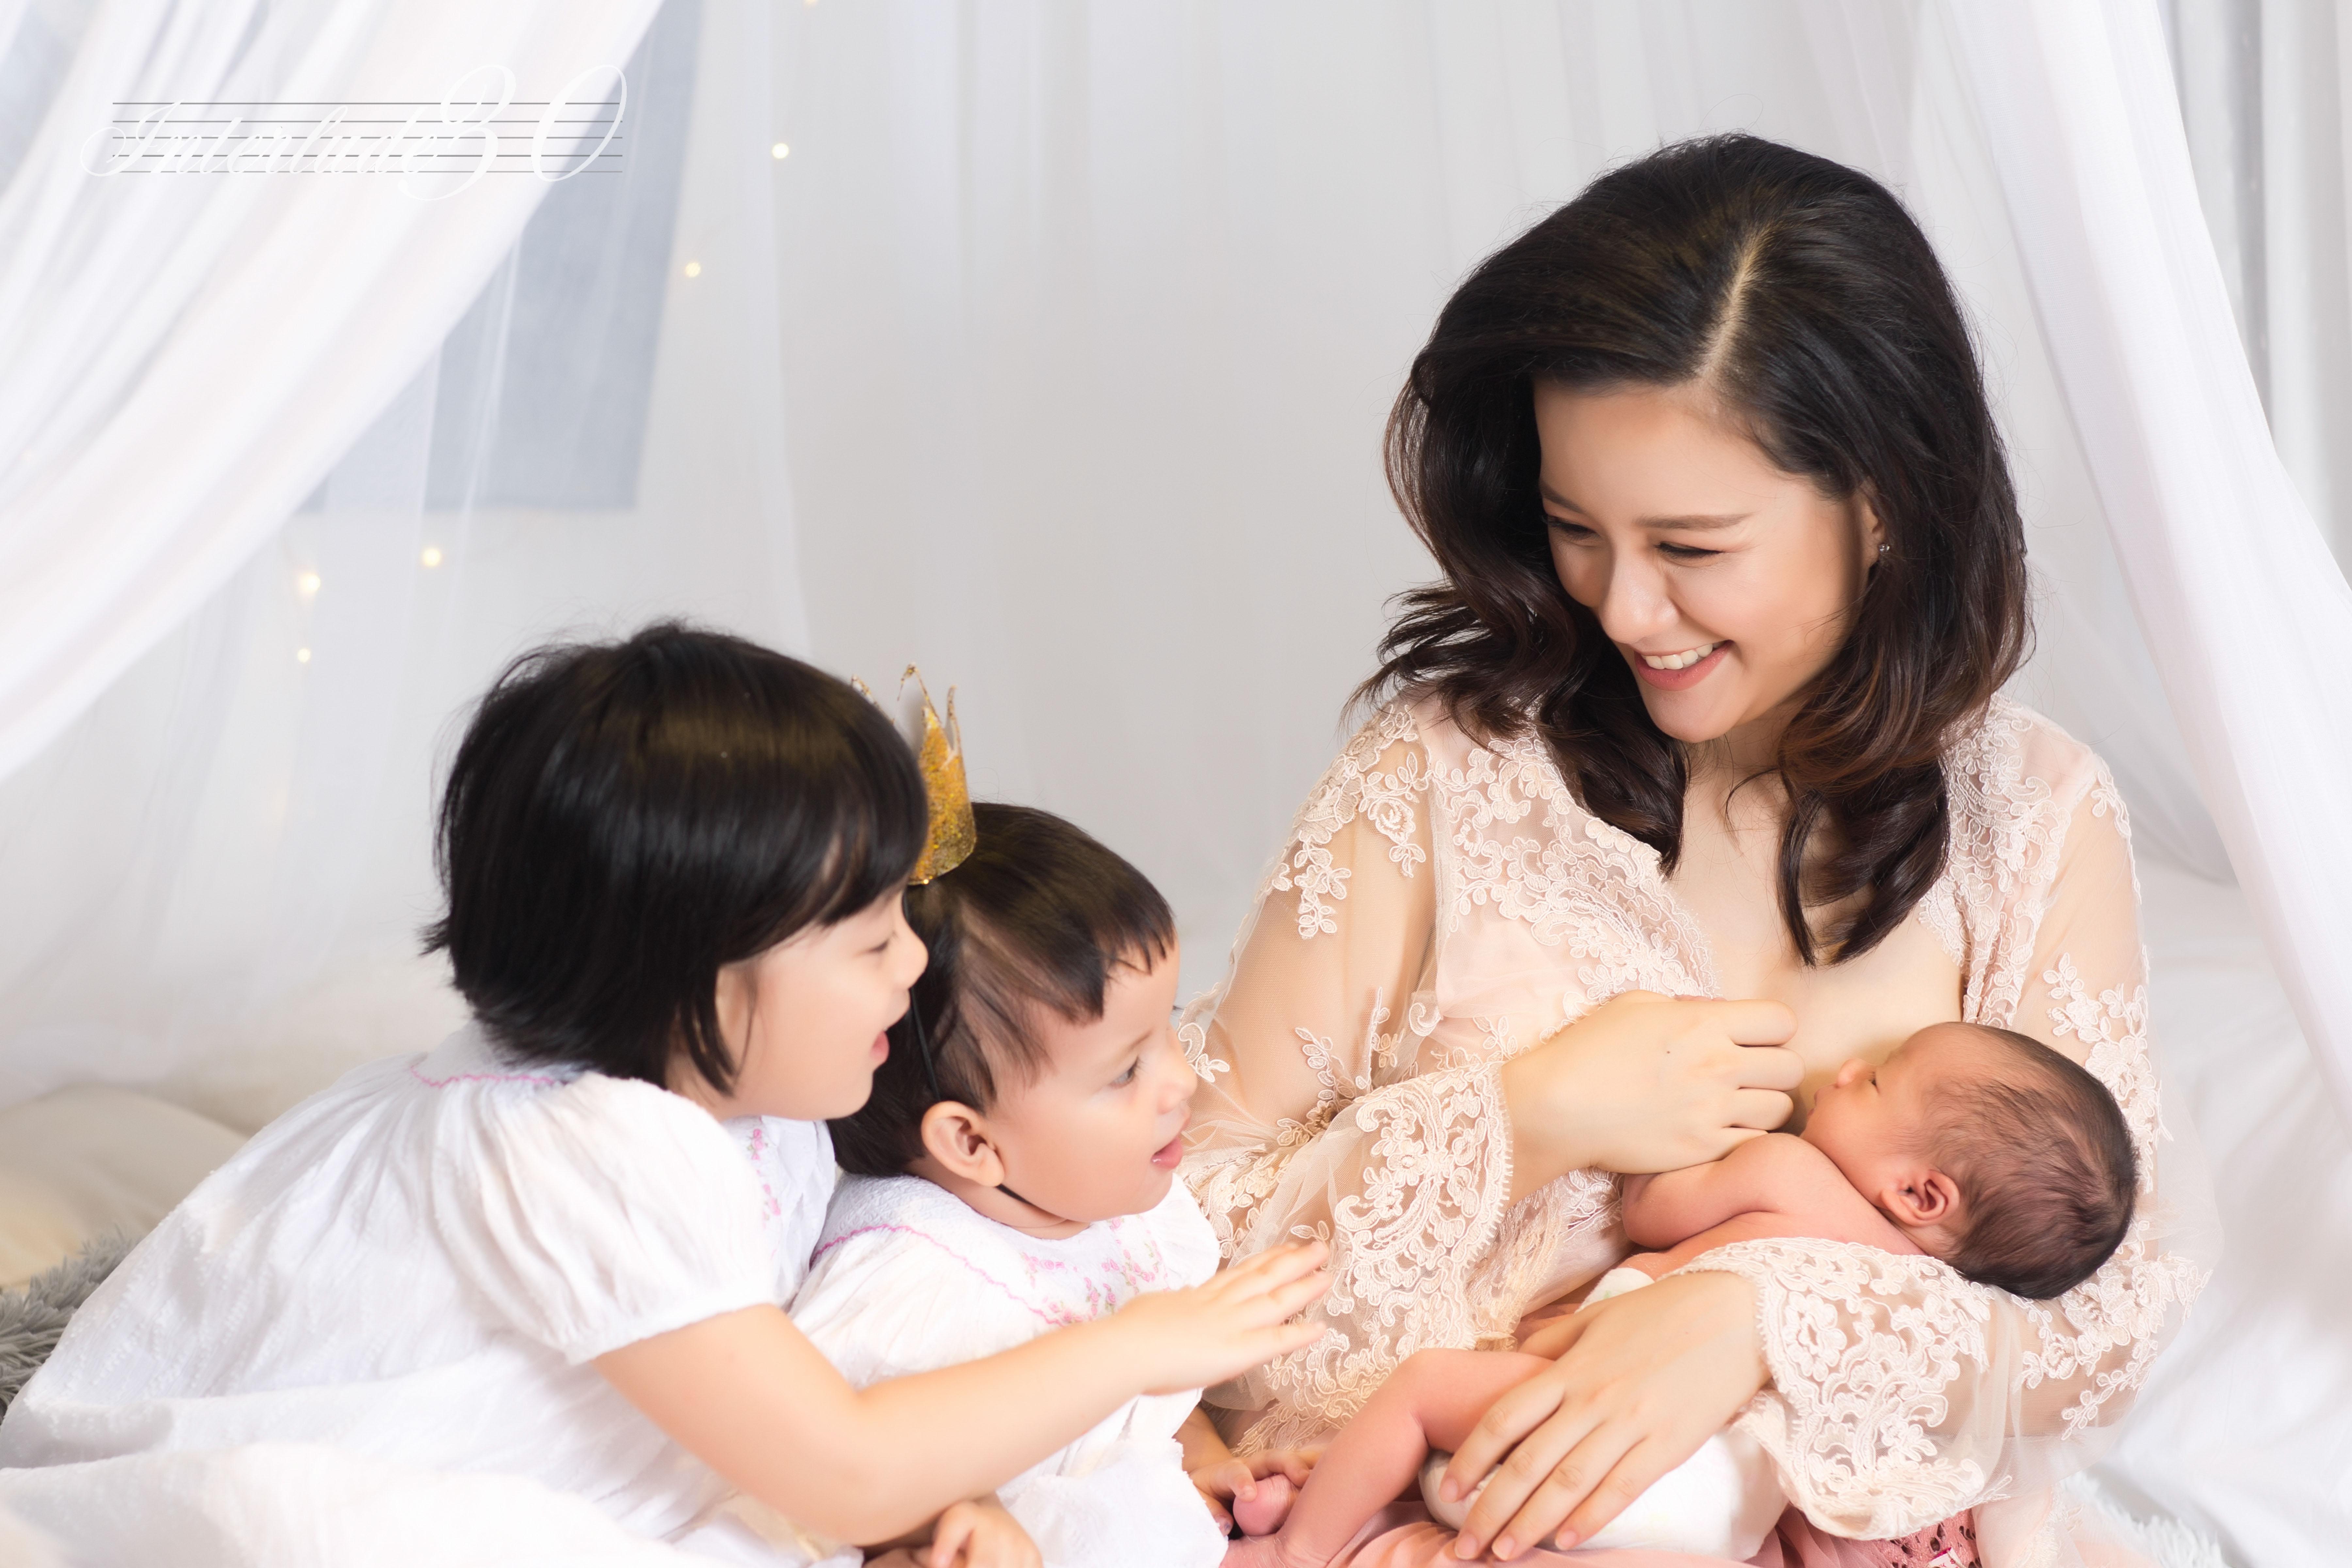 """MC Minh Trang: """"30 tuổi, 3 đứa con – tôi thấy mình viên mãn trong sự lộn xộn của lũ trẻ"""""""